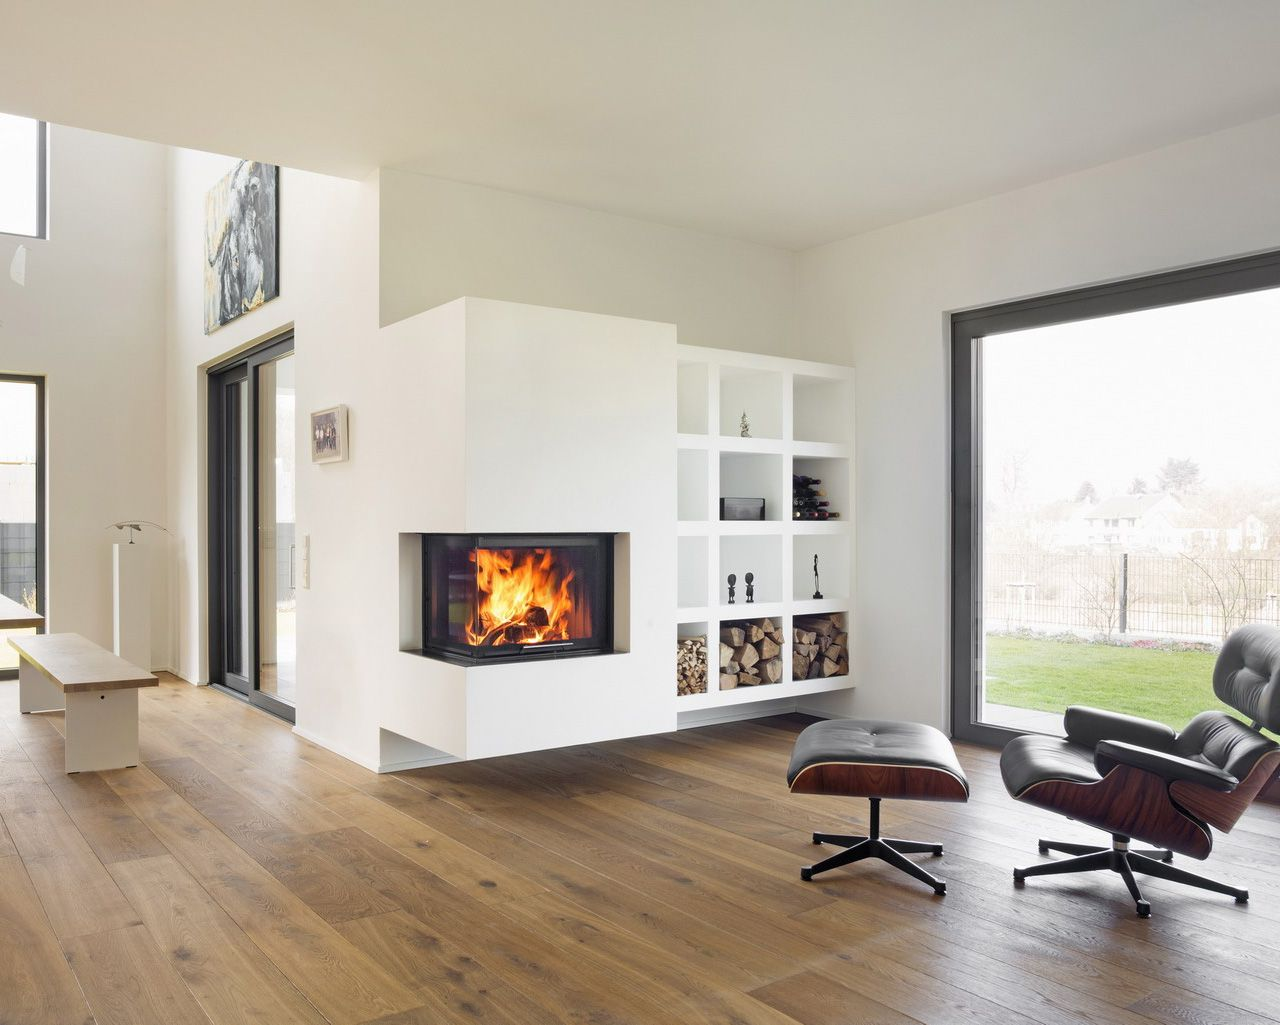 haengender frei auskragender 2 seiger kamin mit angrenzendem regal der heizeinsatz ist der. Black Bedroom Furniture Sets. Home Design Ideas